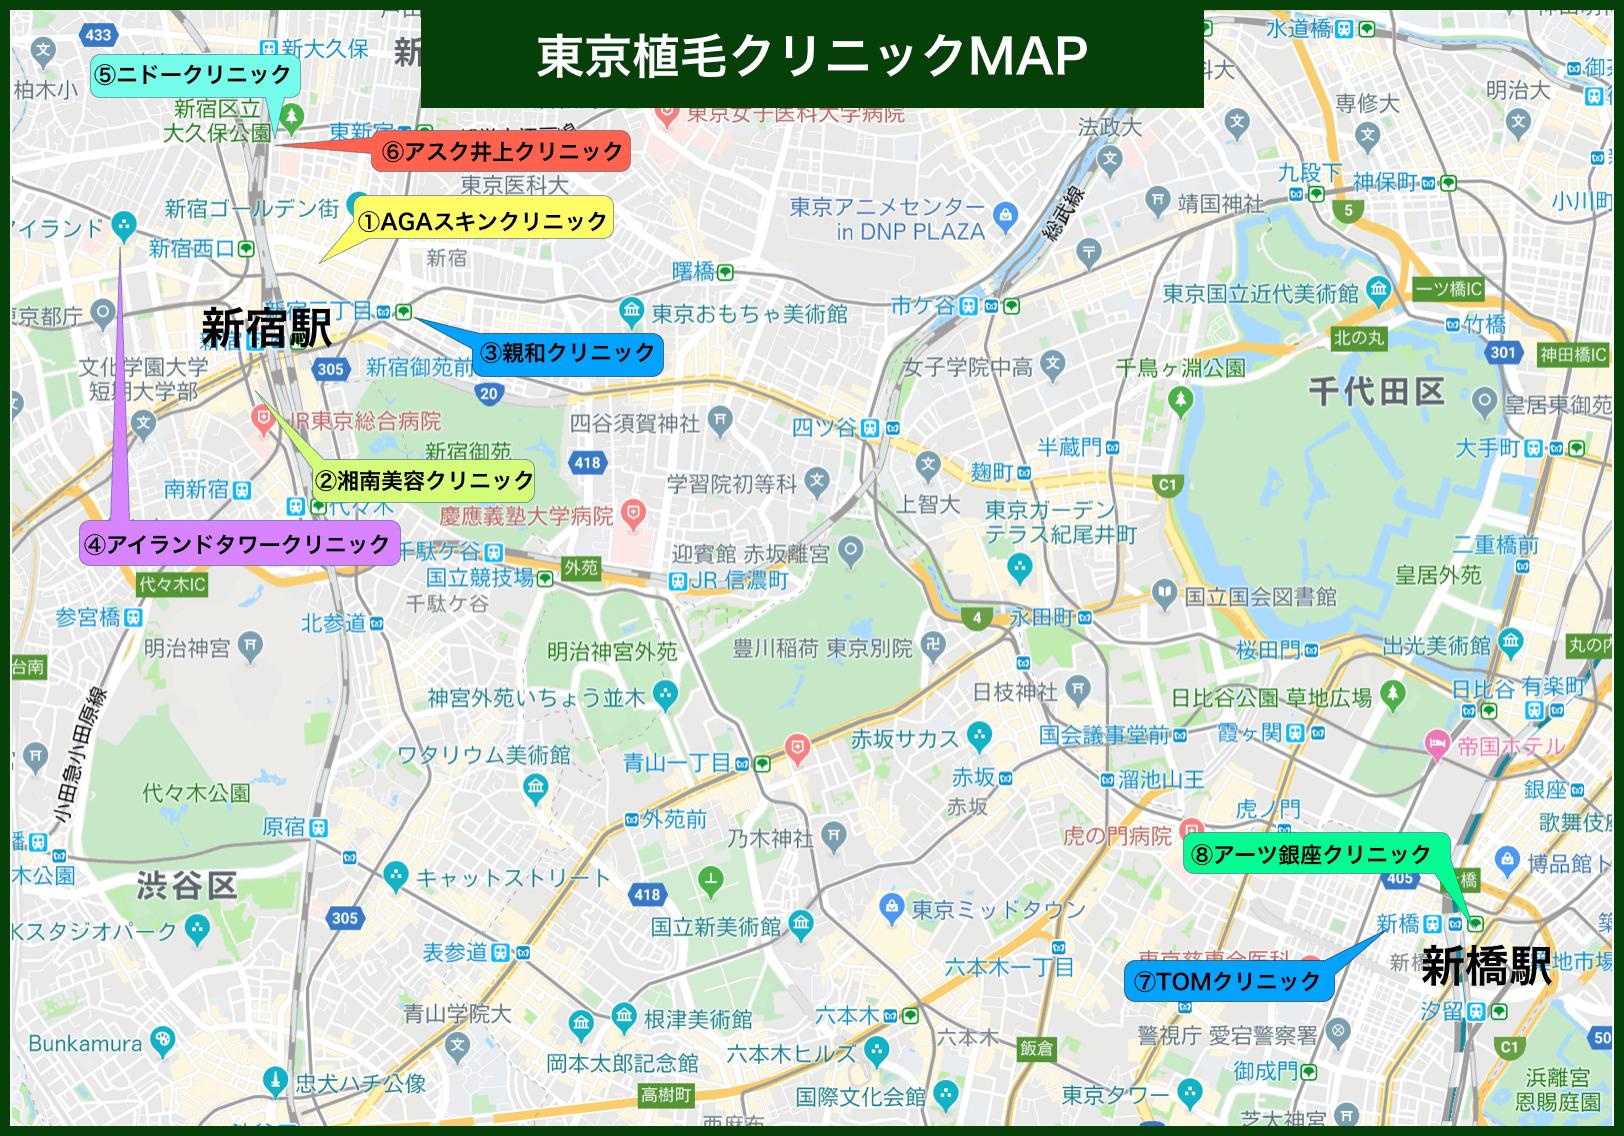 東京植毛クリニックMAP